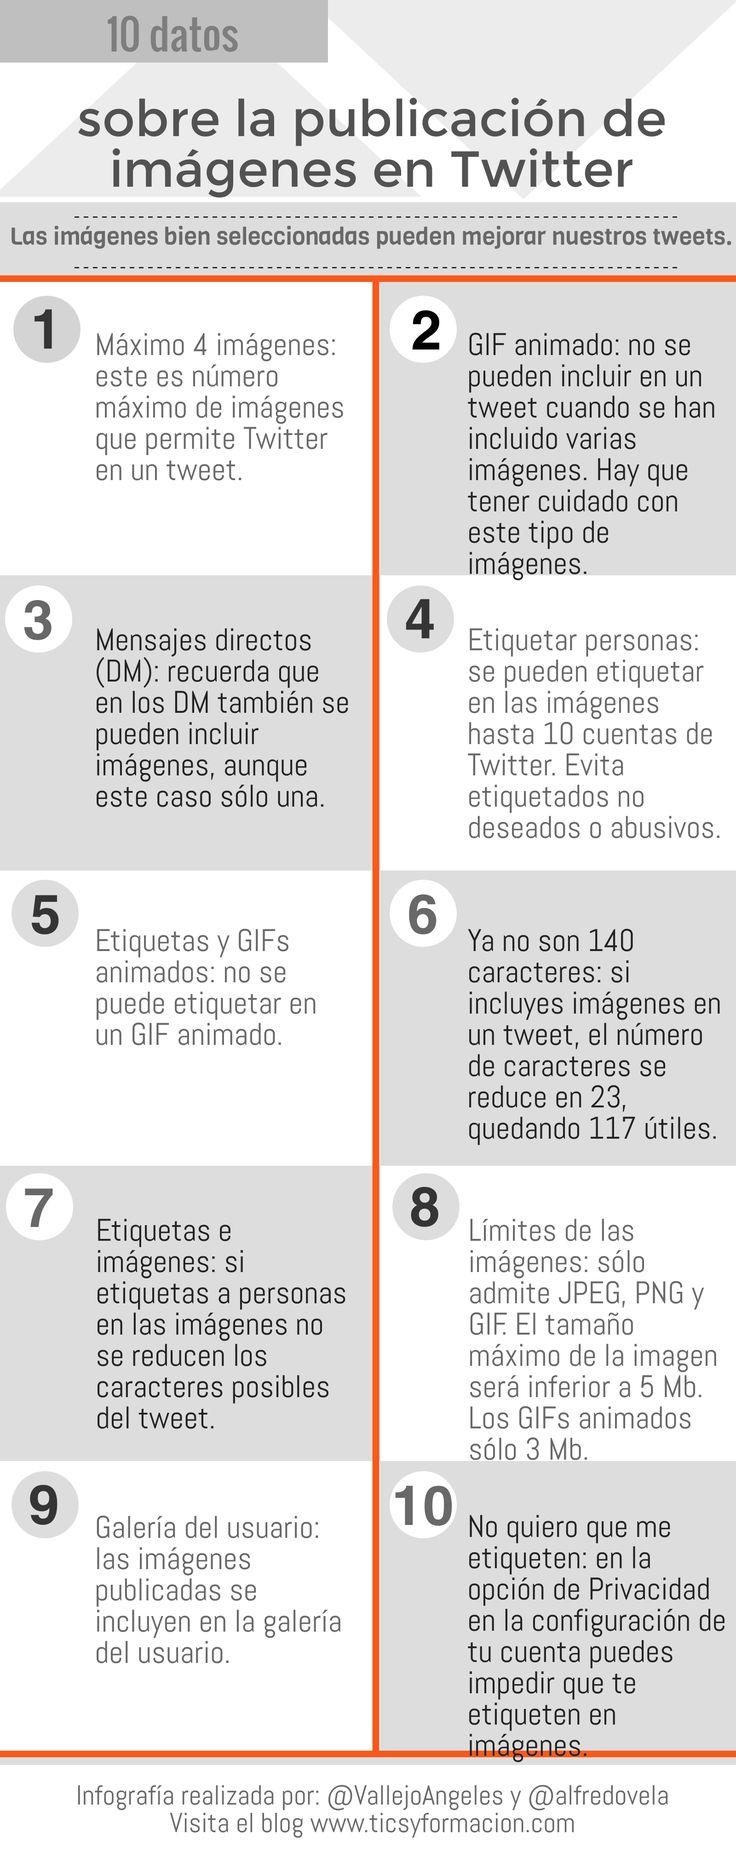 10 datos sobre la publicación de imágenes en Twitter. #infografia #socialmedia